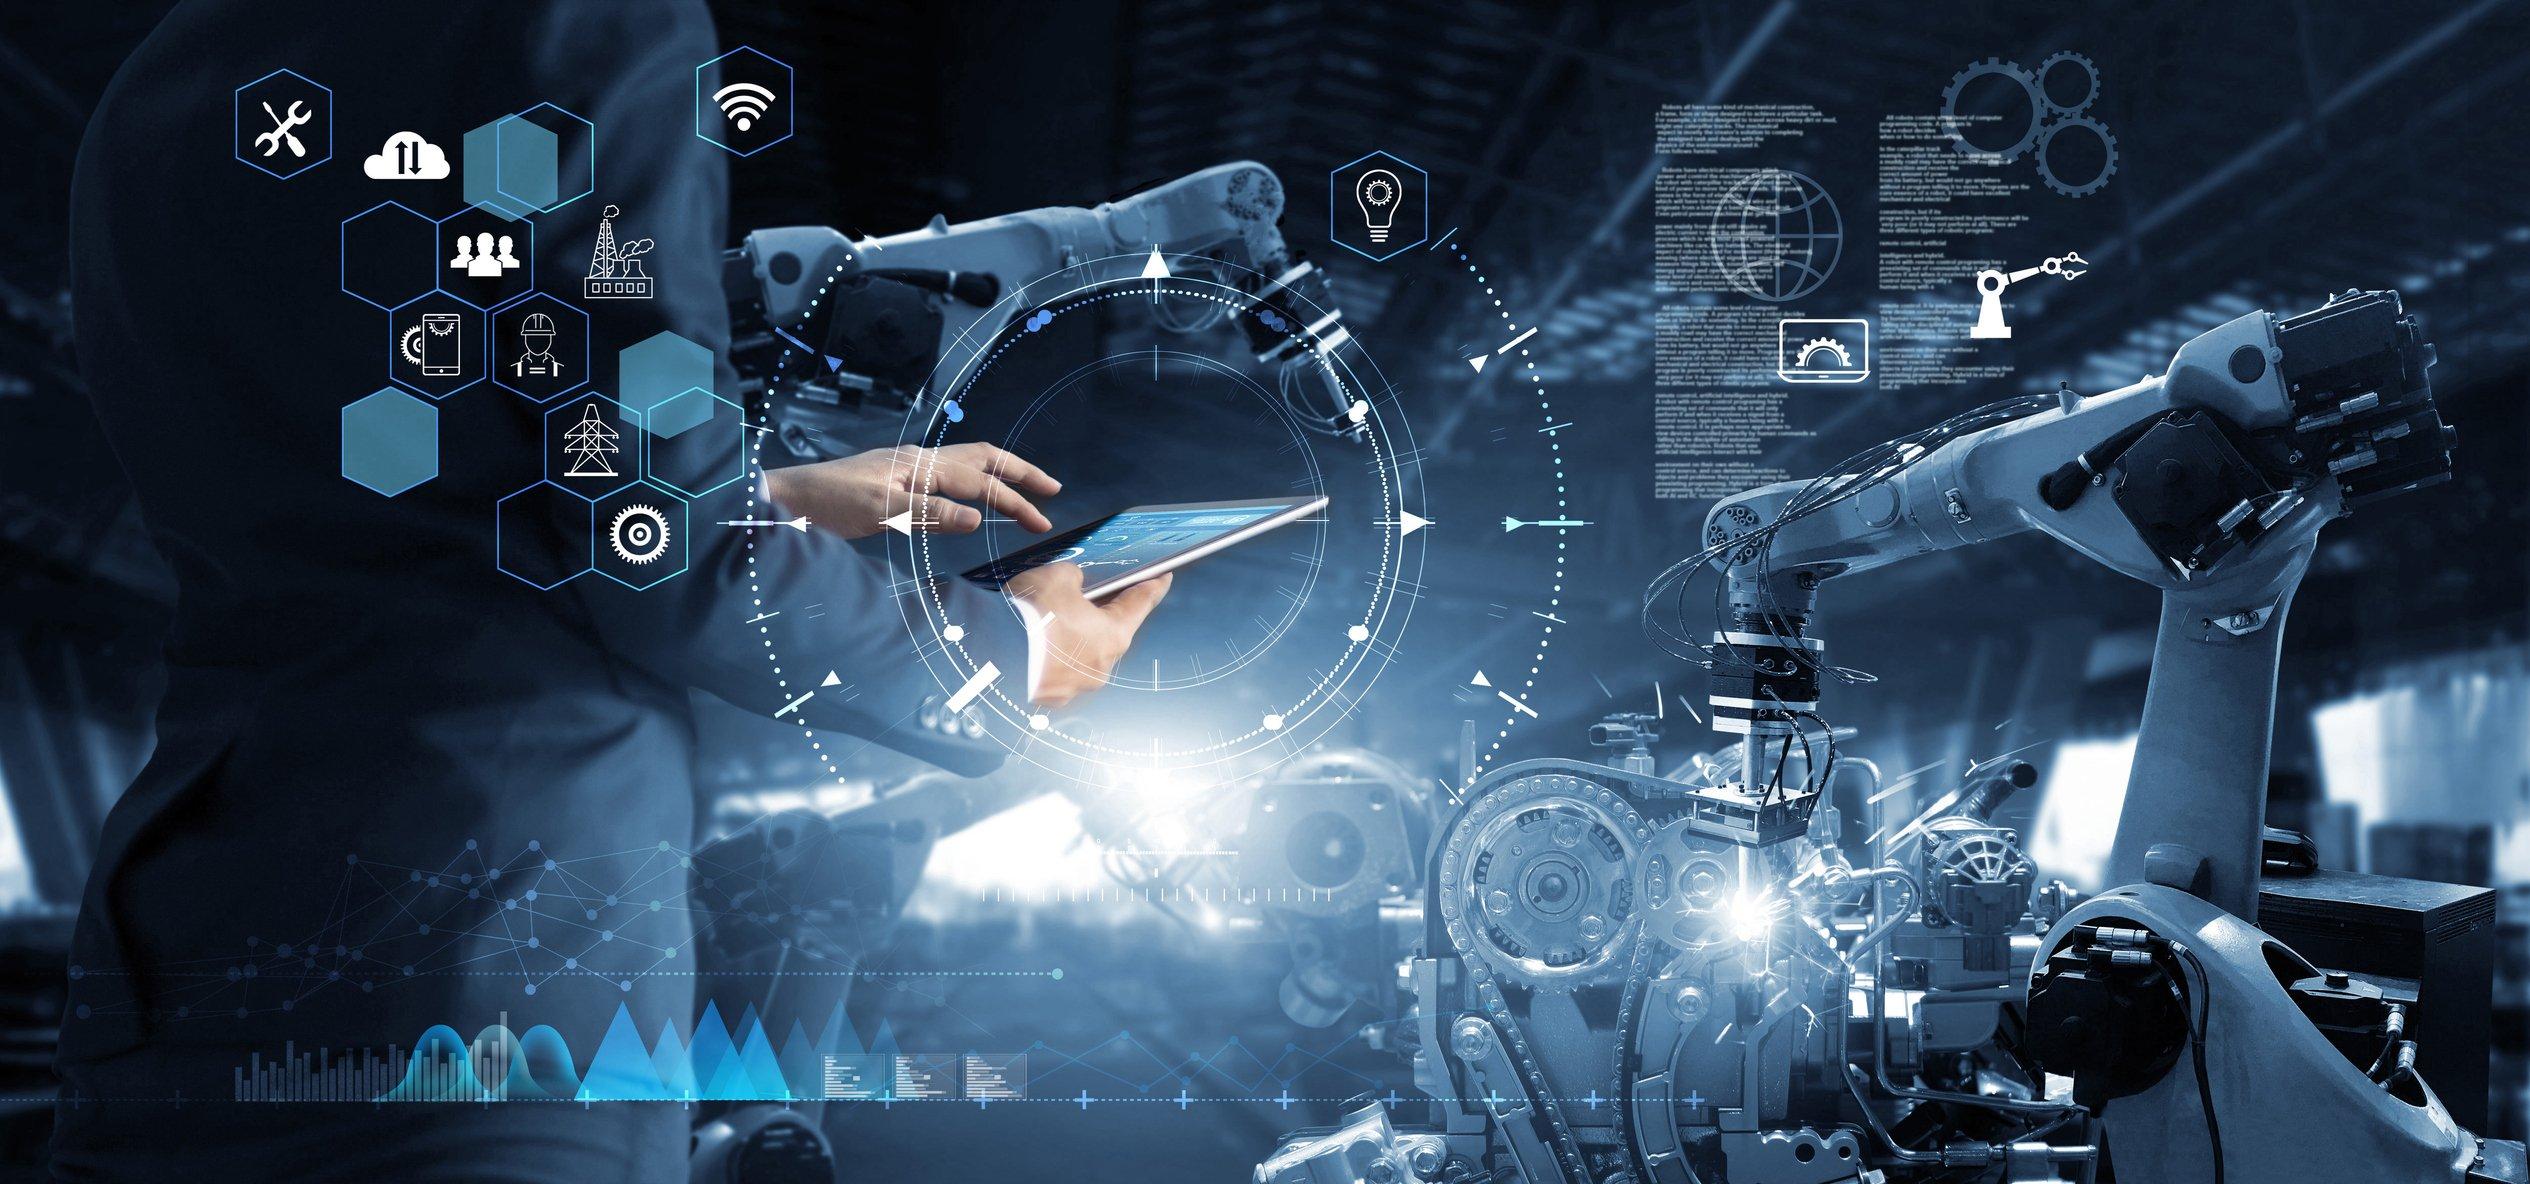 Ingegnere che lavora e controlla la robotica con software di sistema di monitoraggio sul tablet. Icona connessione di rete e industria. AI, intelligenza artificiale, braccio robotico di automazione